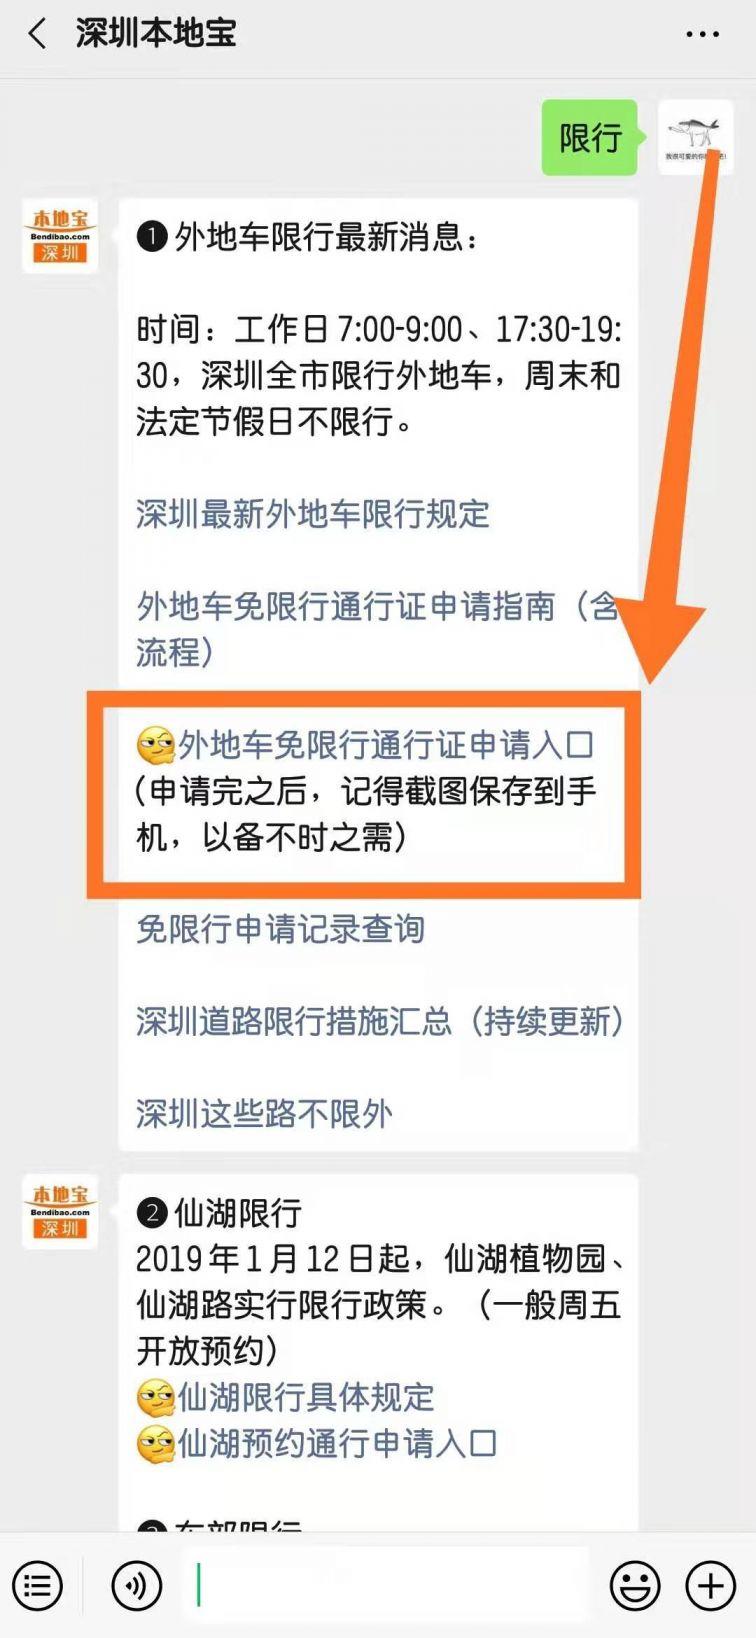 http://prebentor.com/shehuiwanxiang/168940.html